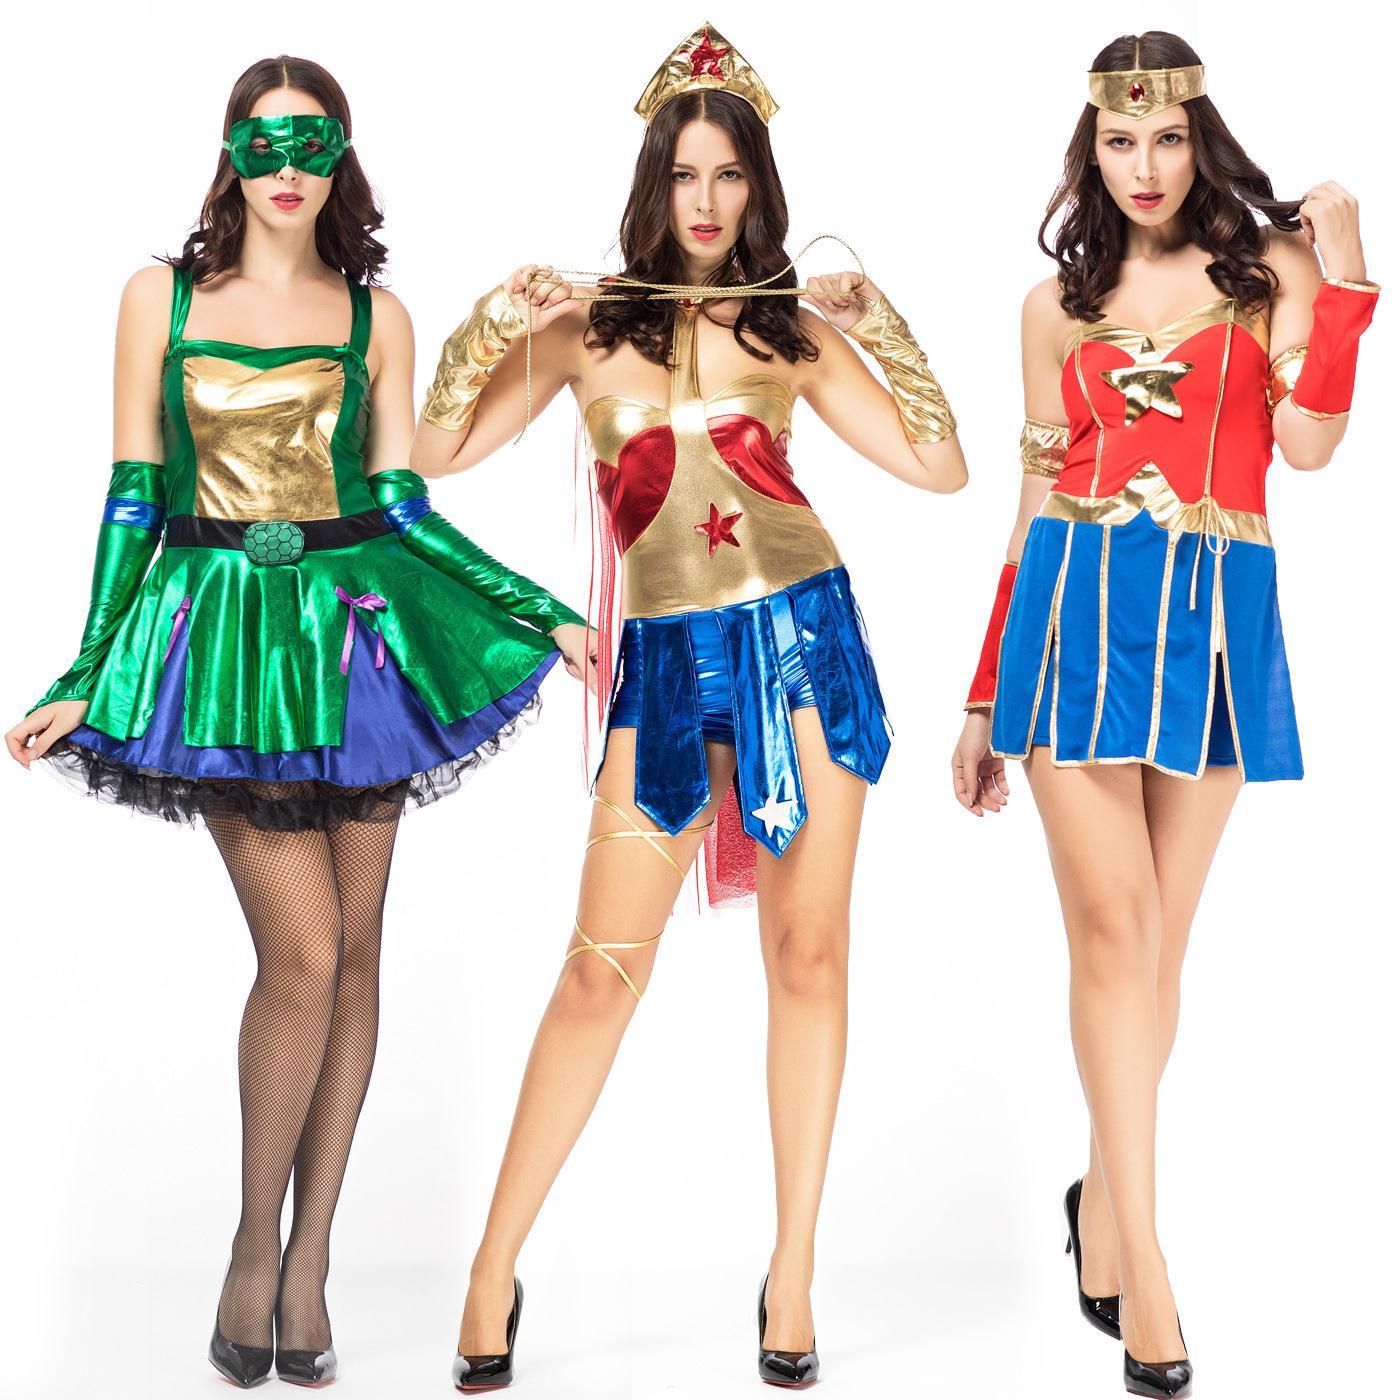 新款万圣节出口制服角色扮演超人连体女飞侠服装 忍者COS装乌龟服